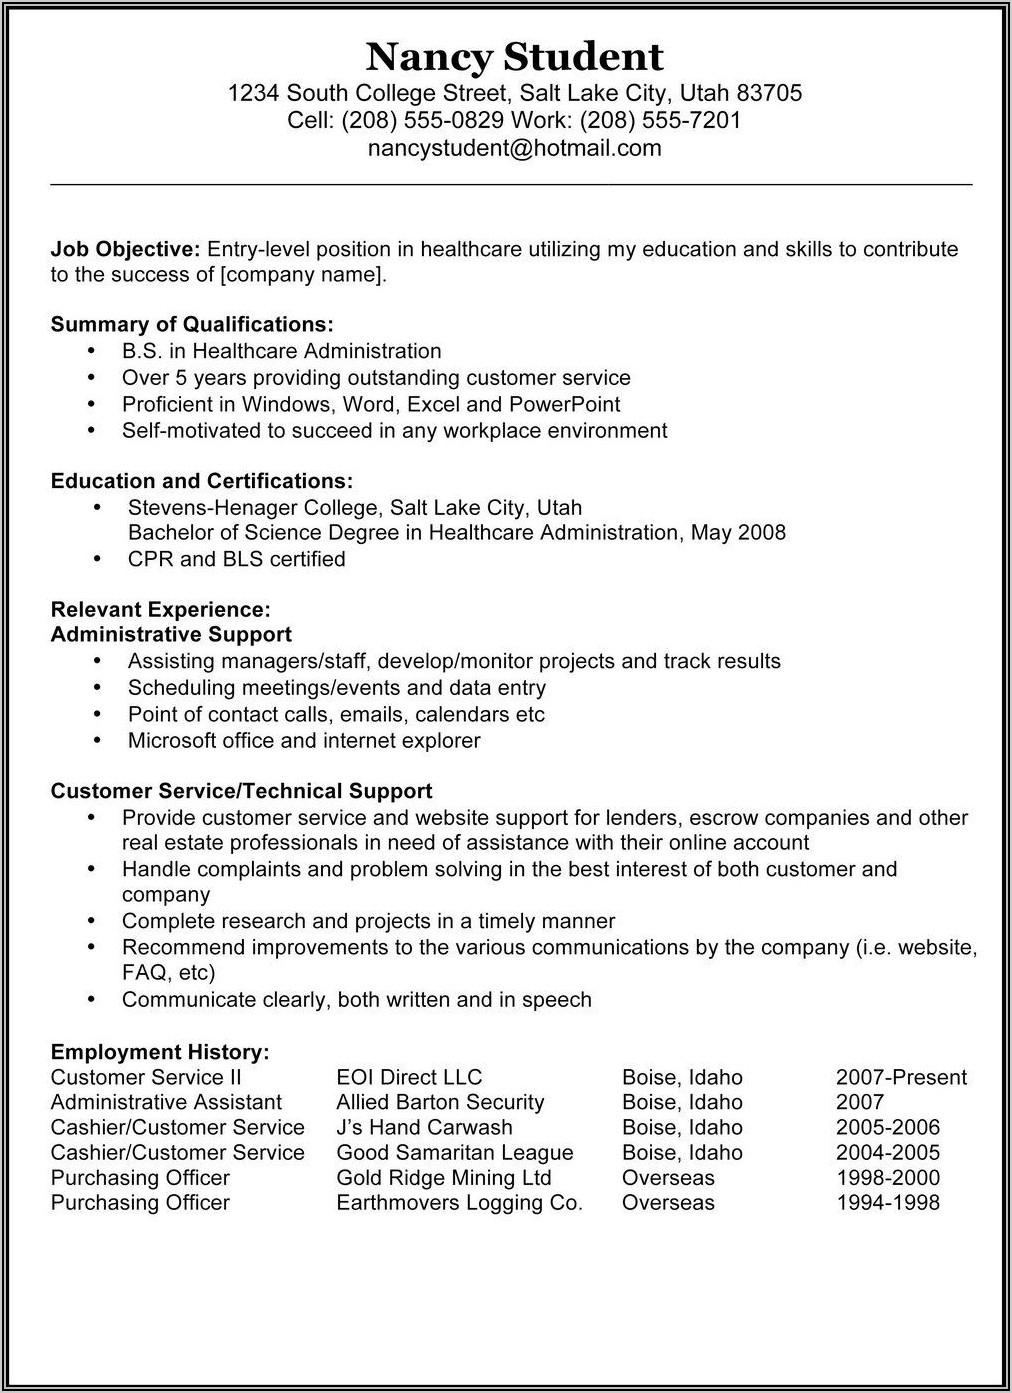 Va For Vets Resume Builder